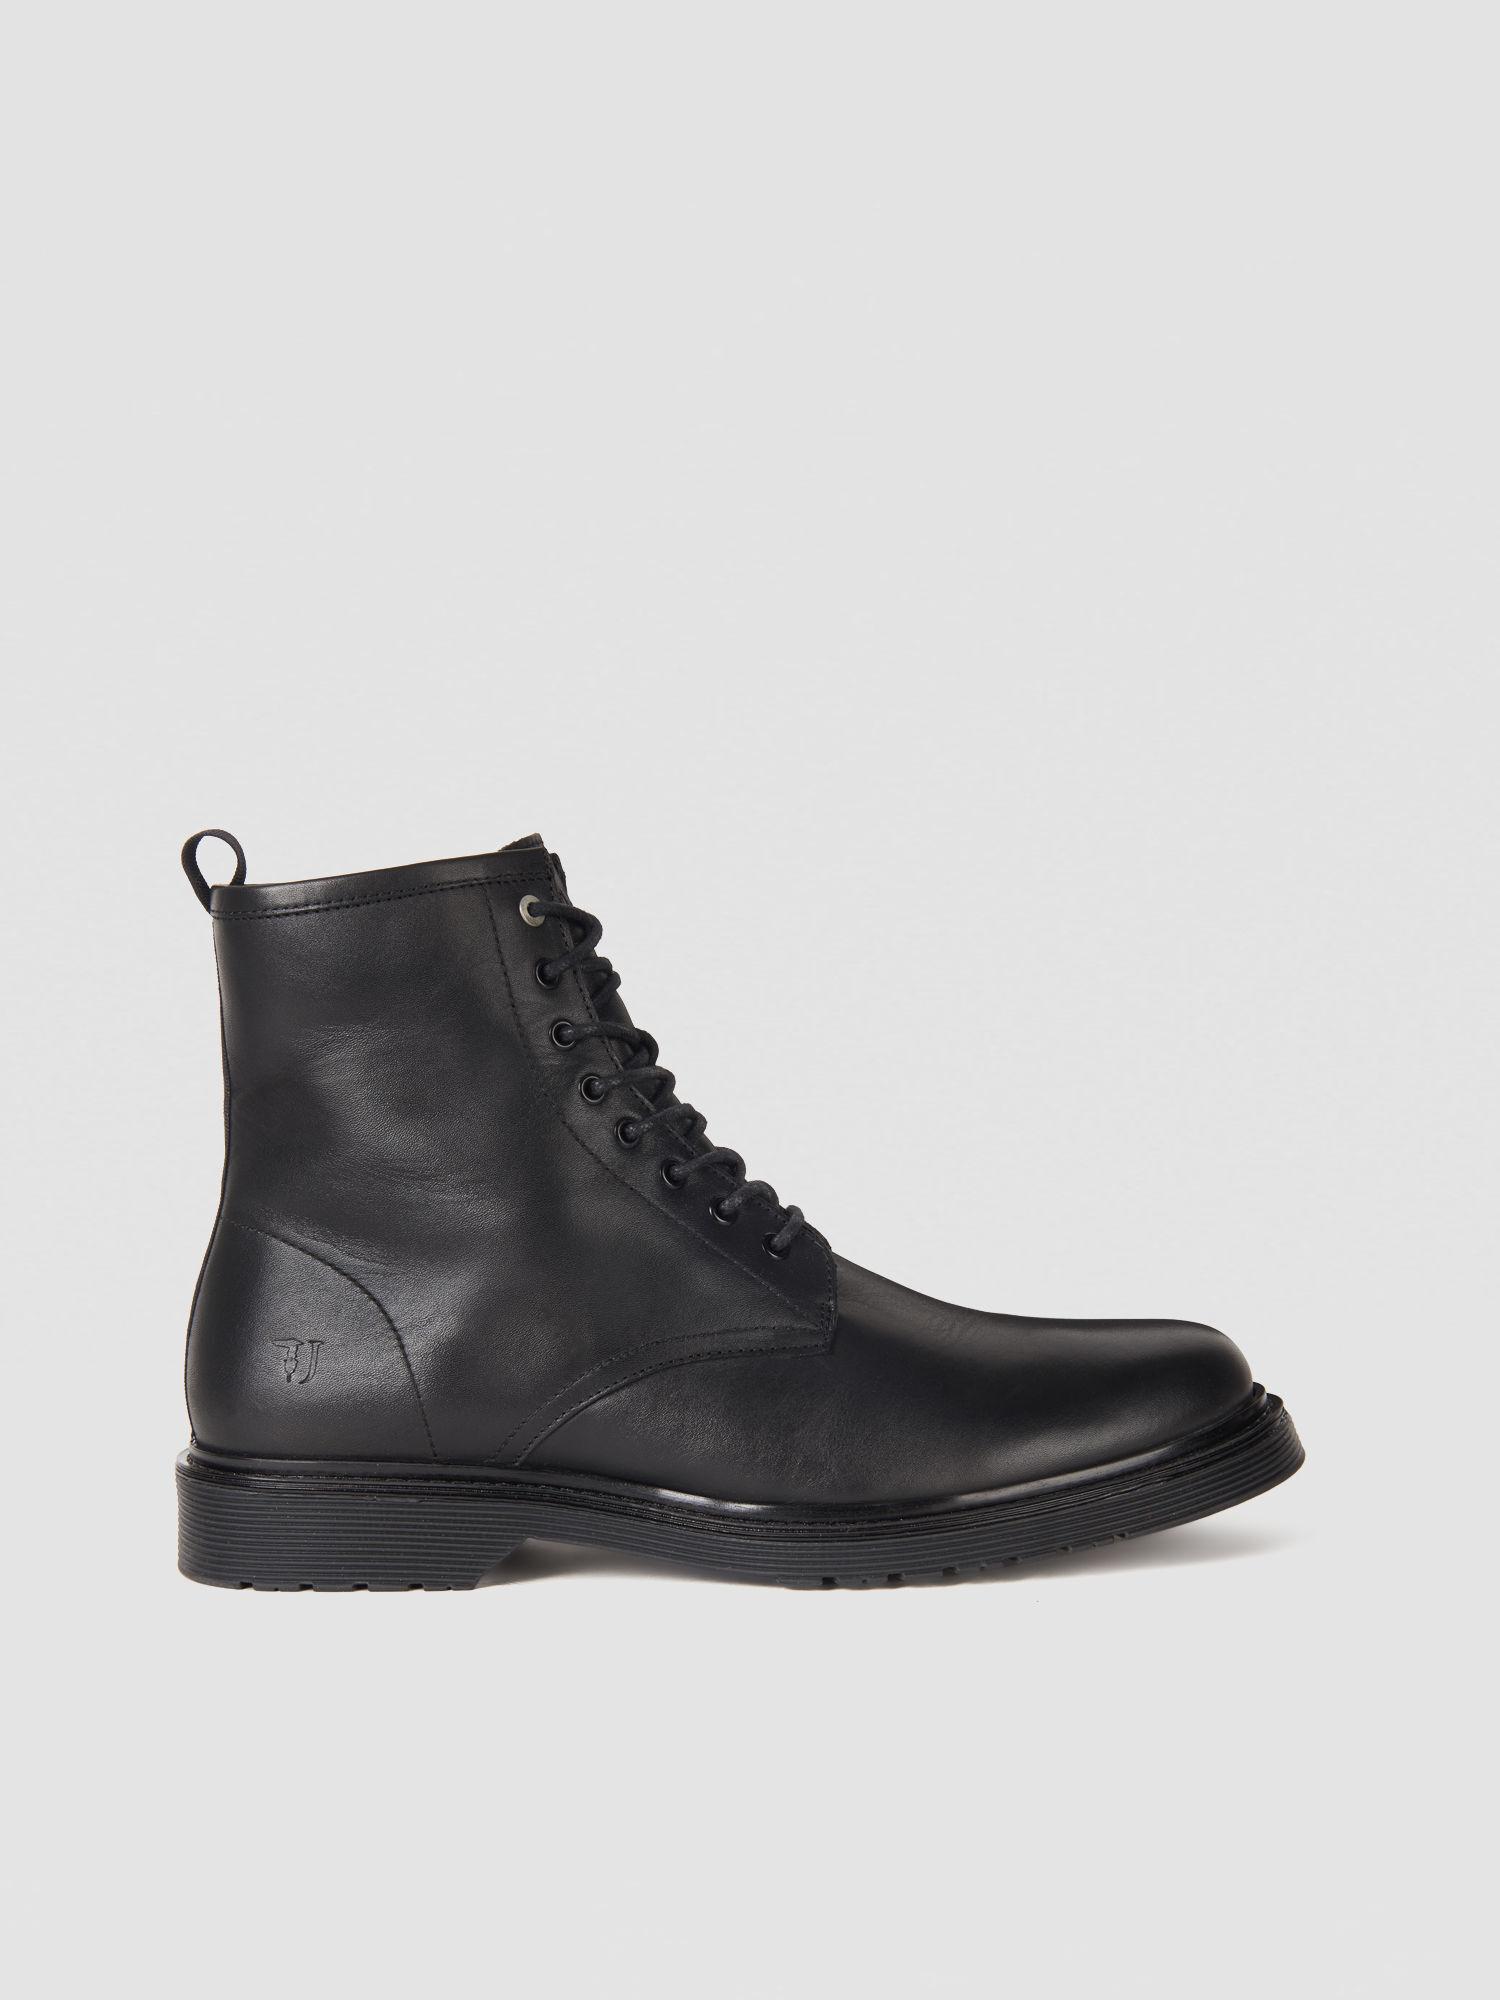 Men\u0027s boots and combat boots